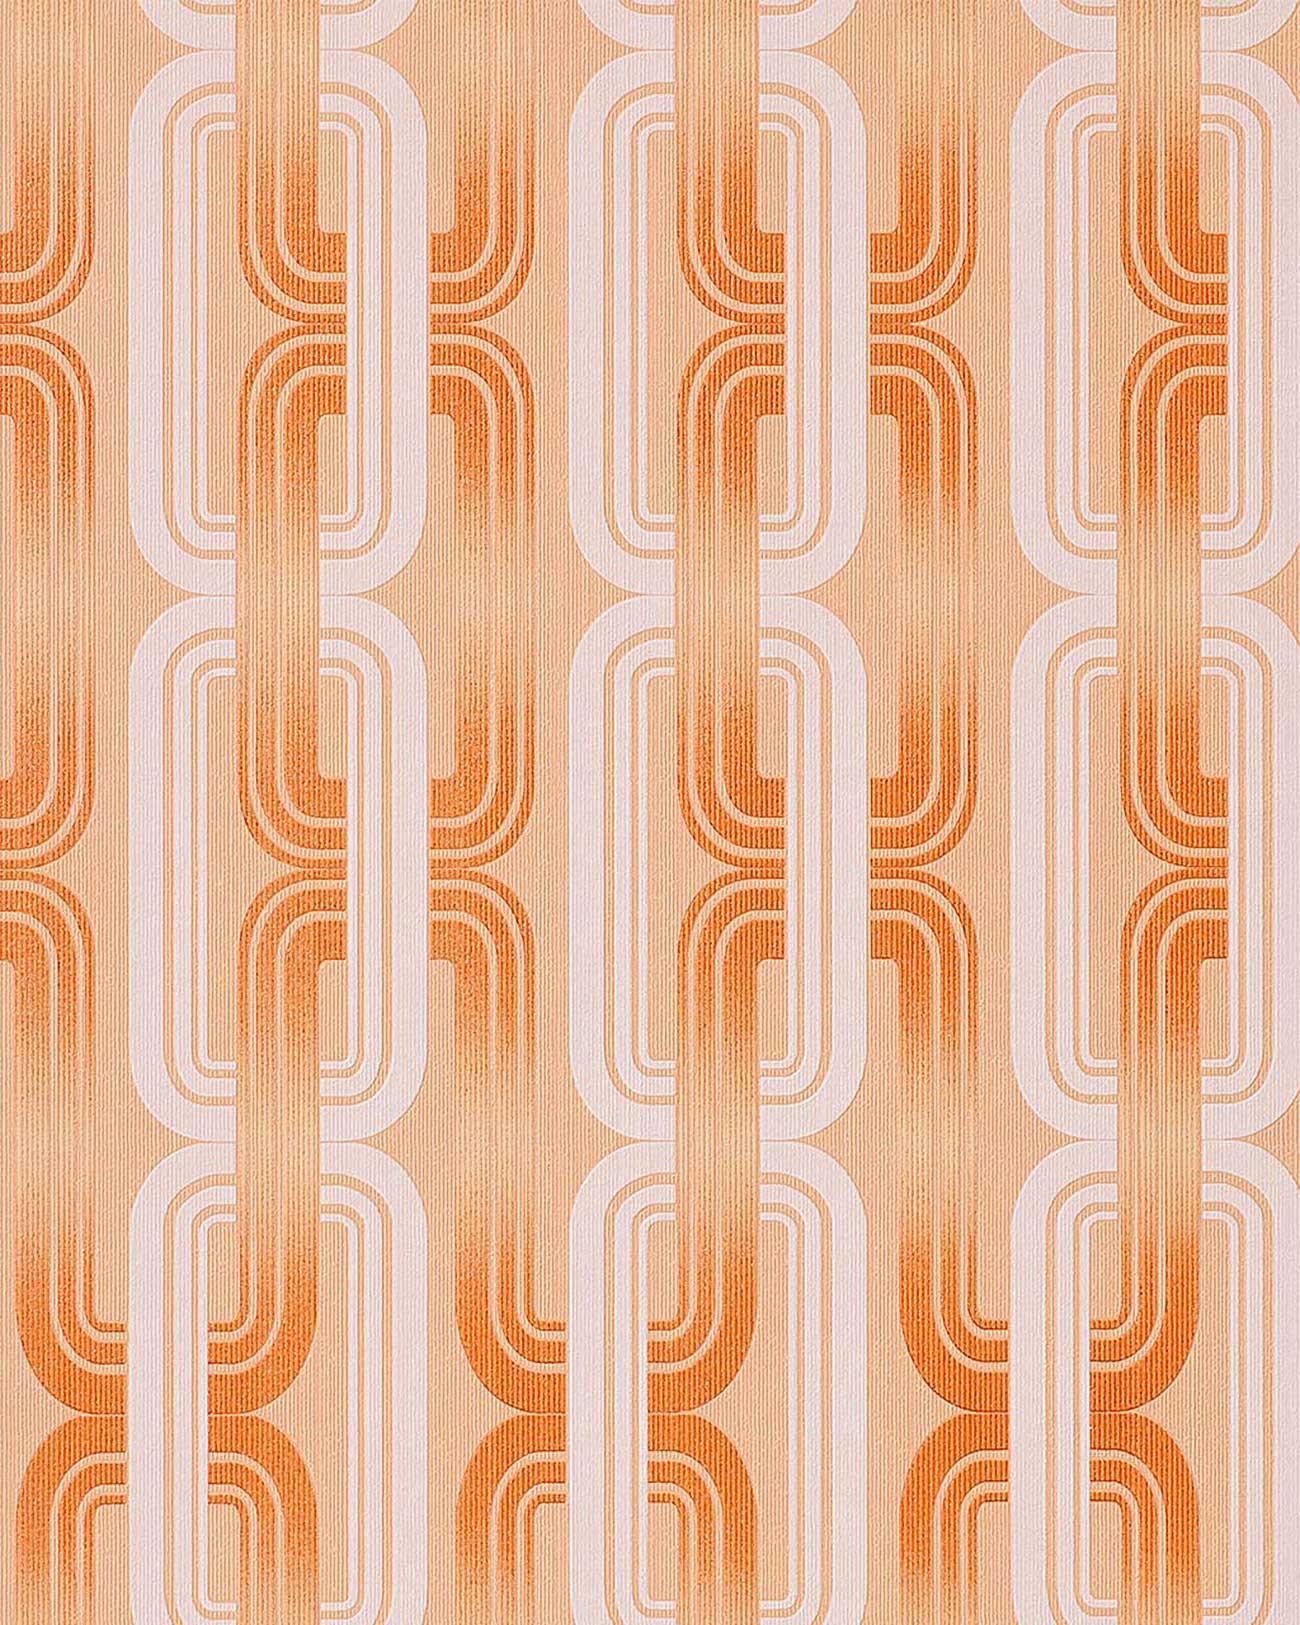 Free 20s Retro Wallpaper, 20s Retro Wallpaper Download ...